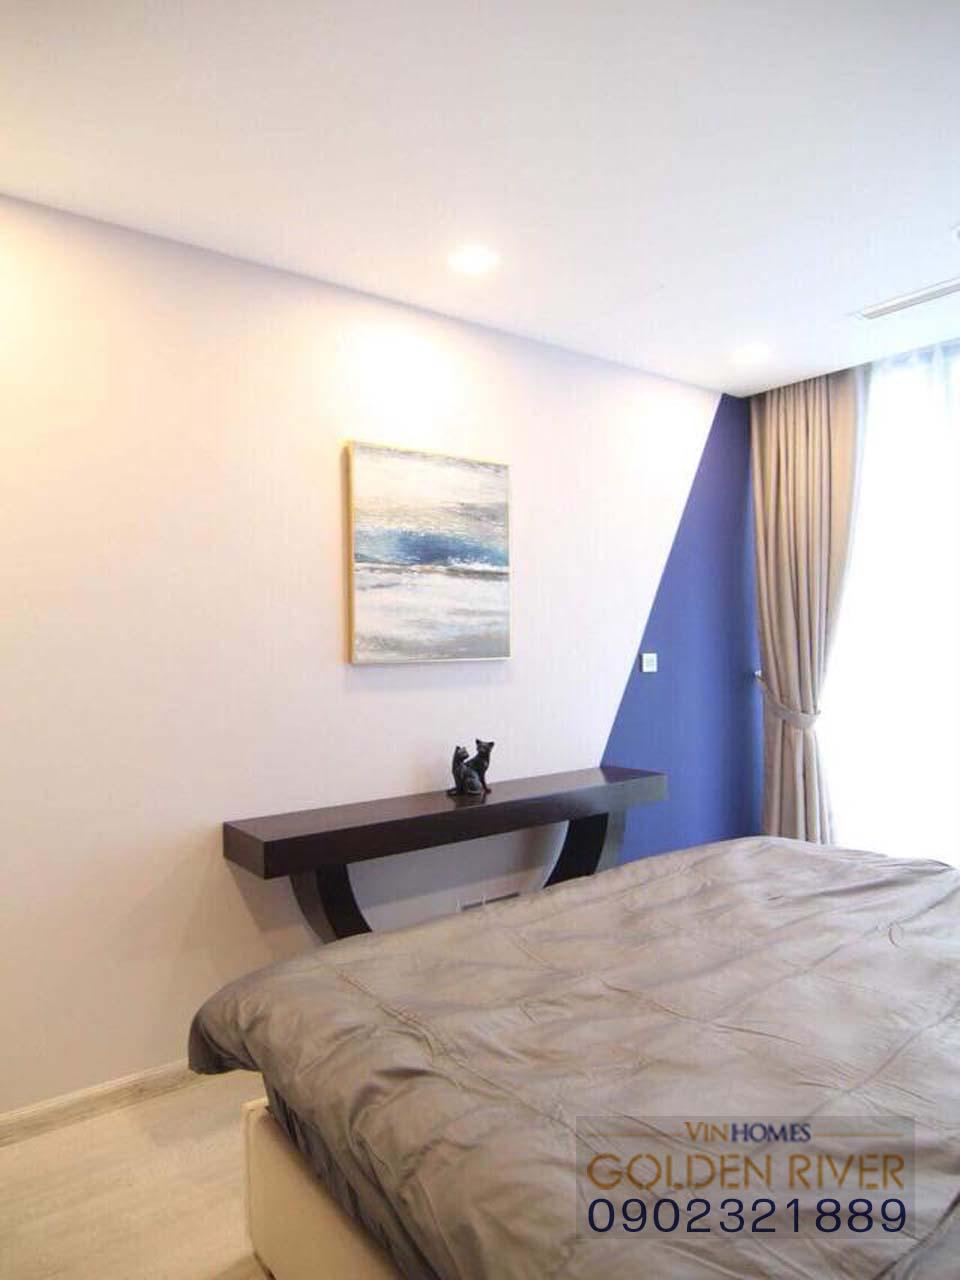 Vinhome Ba Son cho thuê căn hộ 51m2 nội thất cực đẹp - hình 11